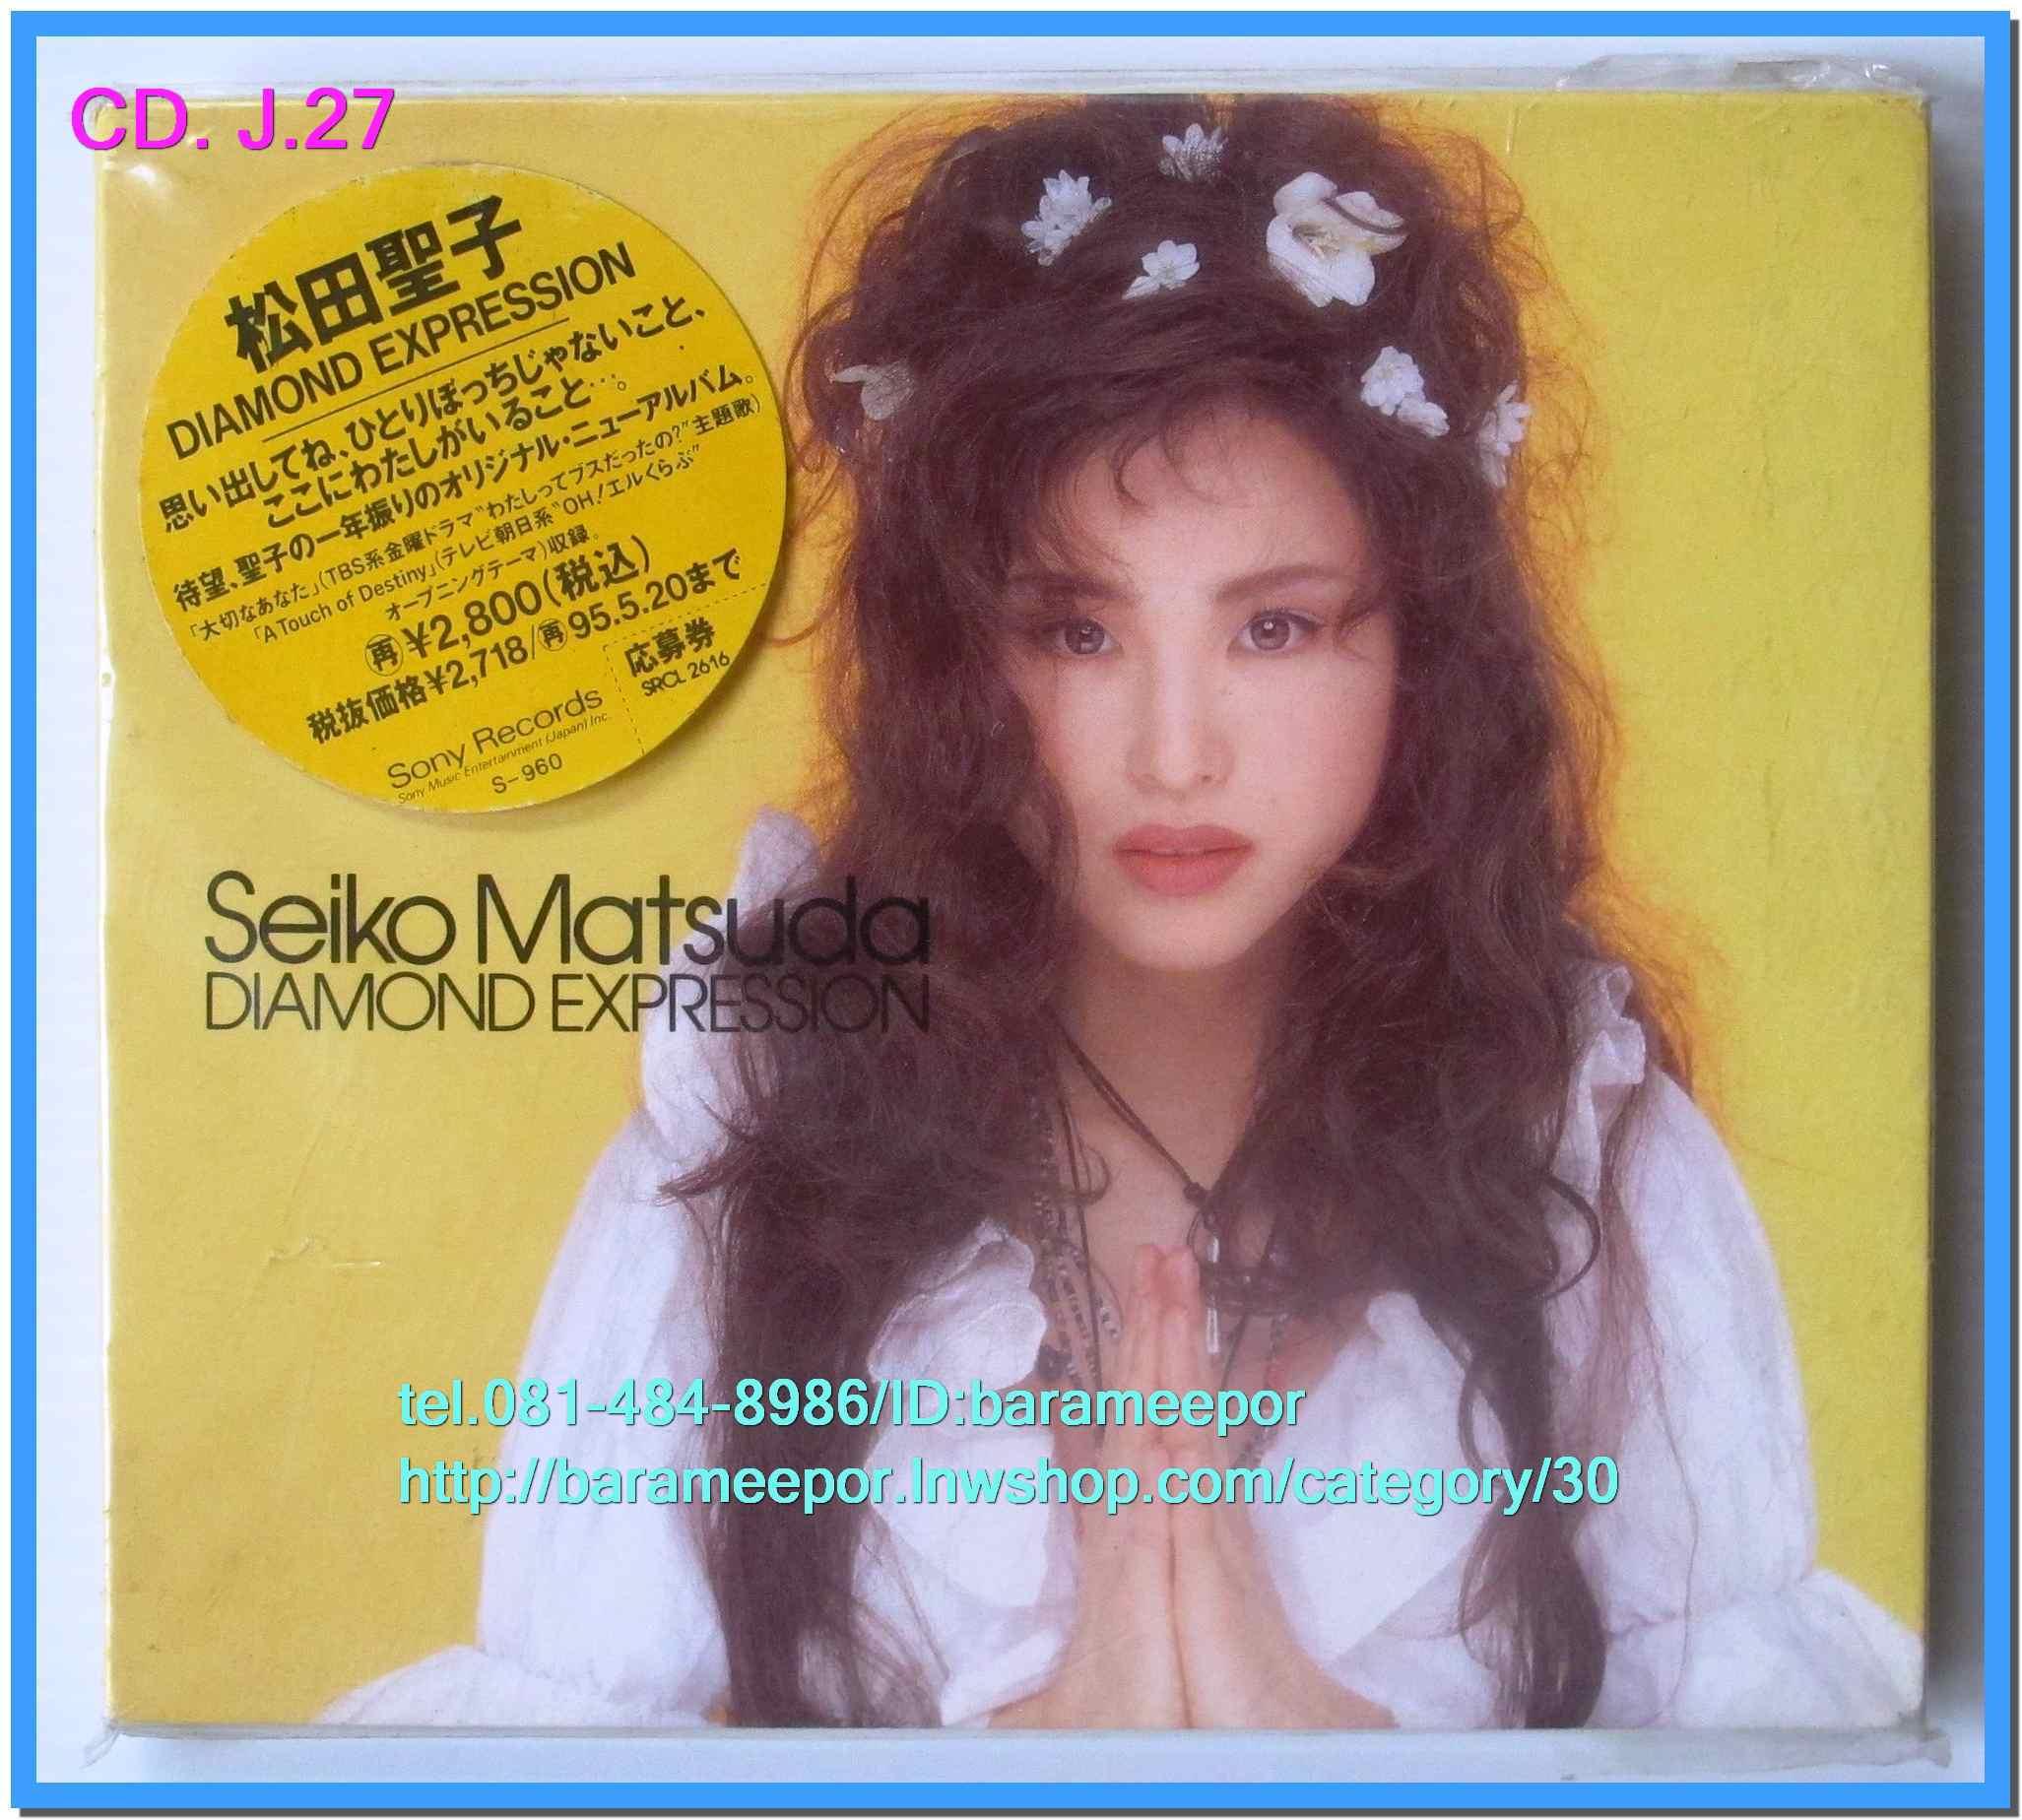 ซีดี.เพลงญี่ปุ่น Seiko Matsuda Dimond Expression